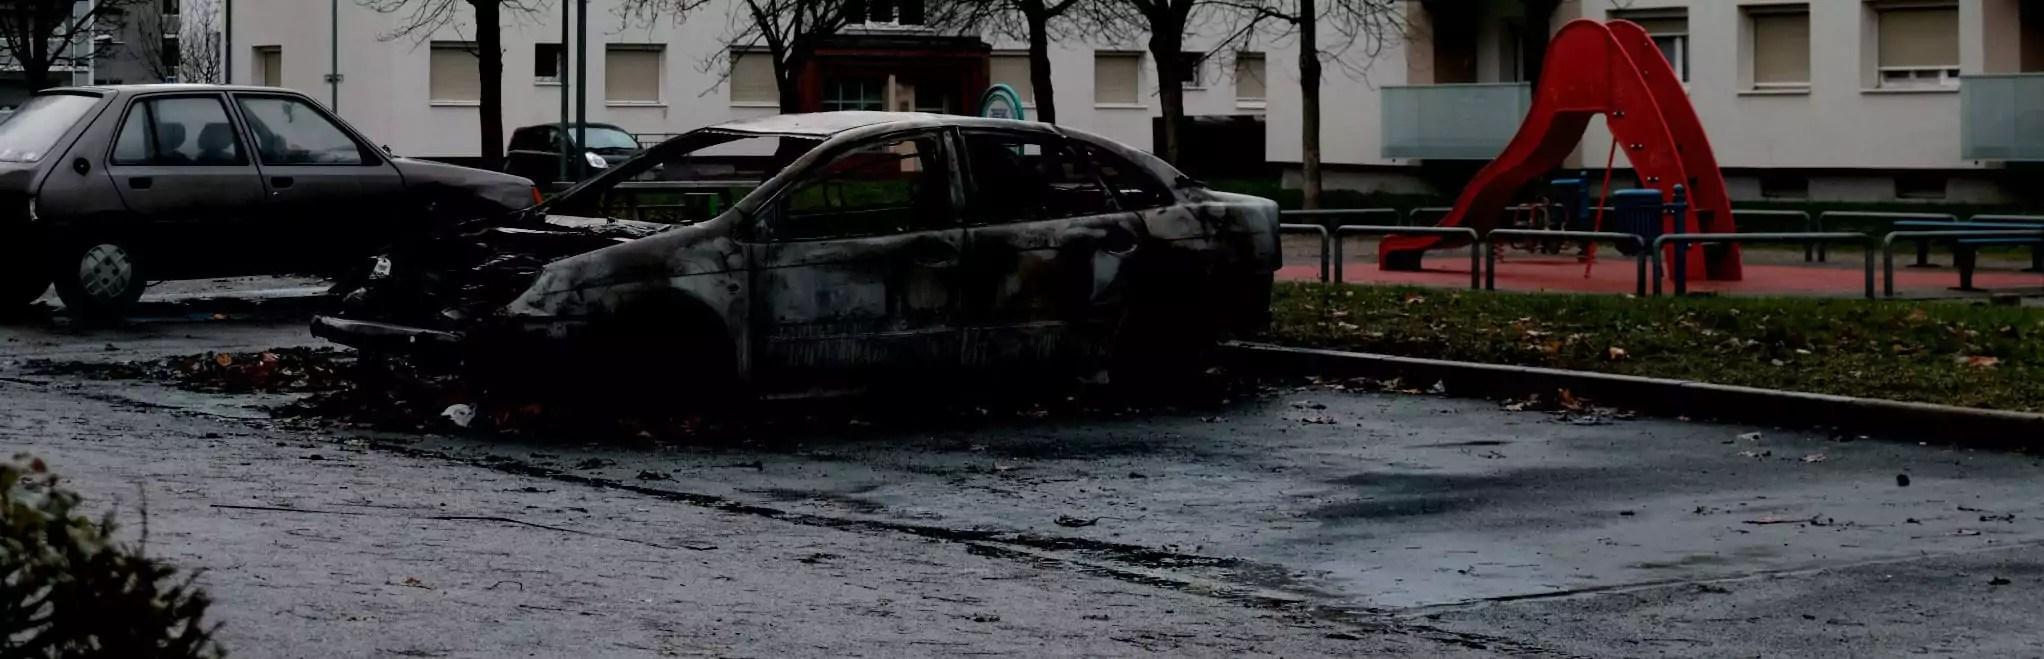 Voitures brûlées, témoins agressés… La cité de l'Ill a craqué